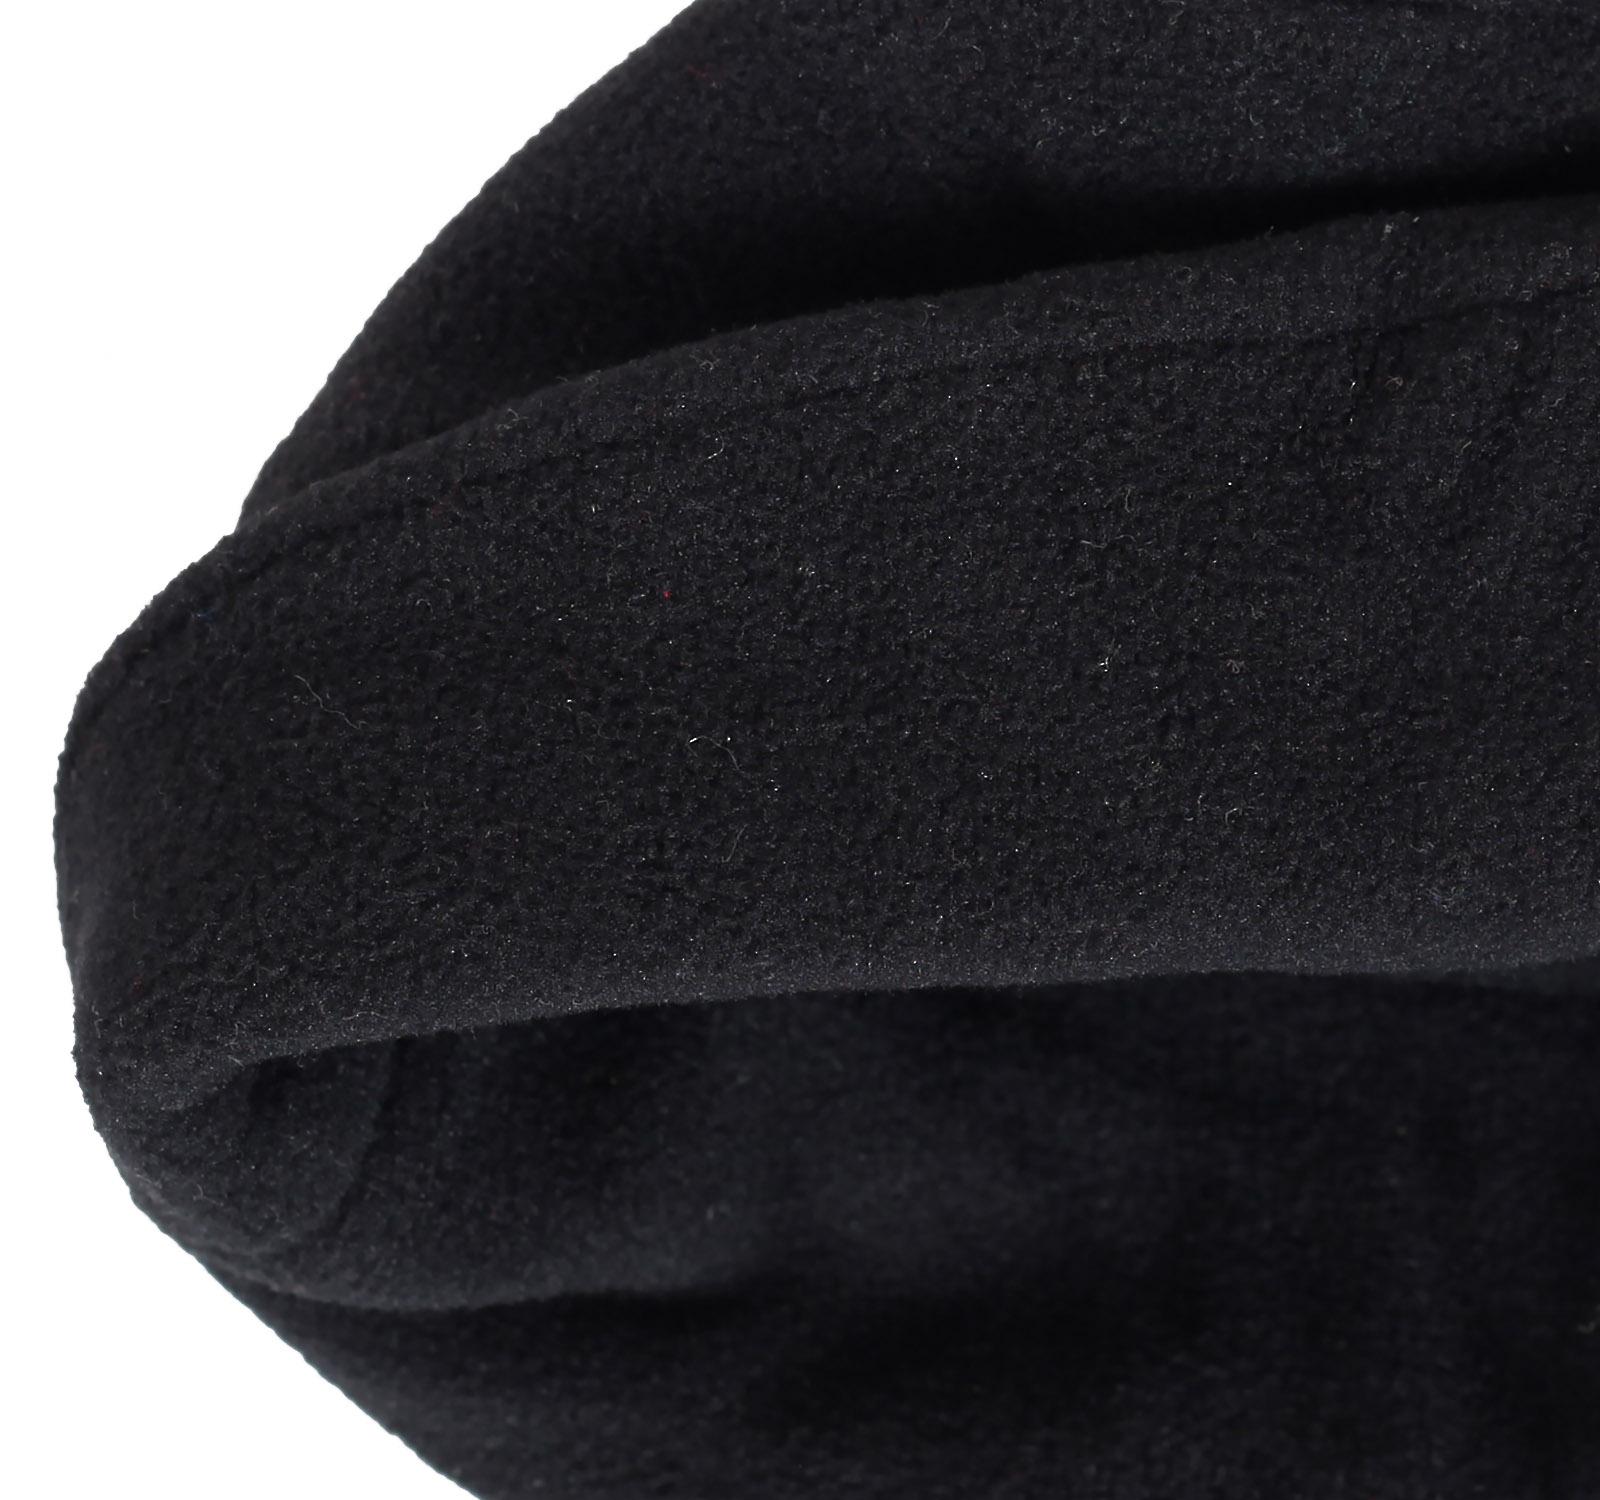 Заказать универсальную флисовую шапку - шляпку Nikko утепленную флисом по выгодной цене